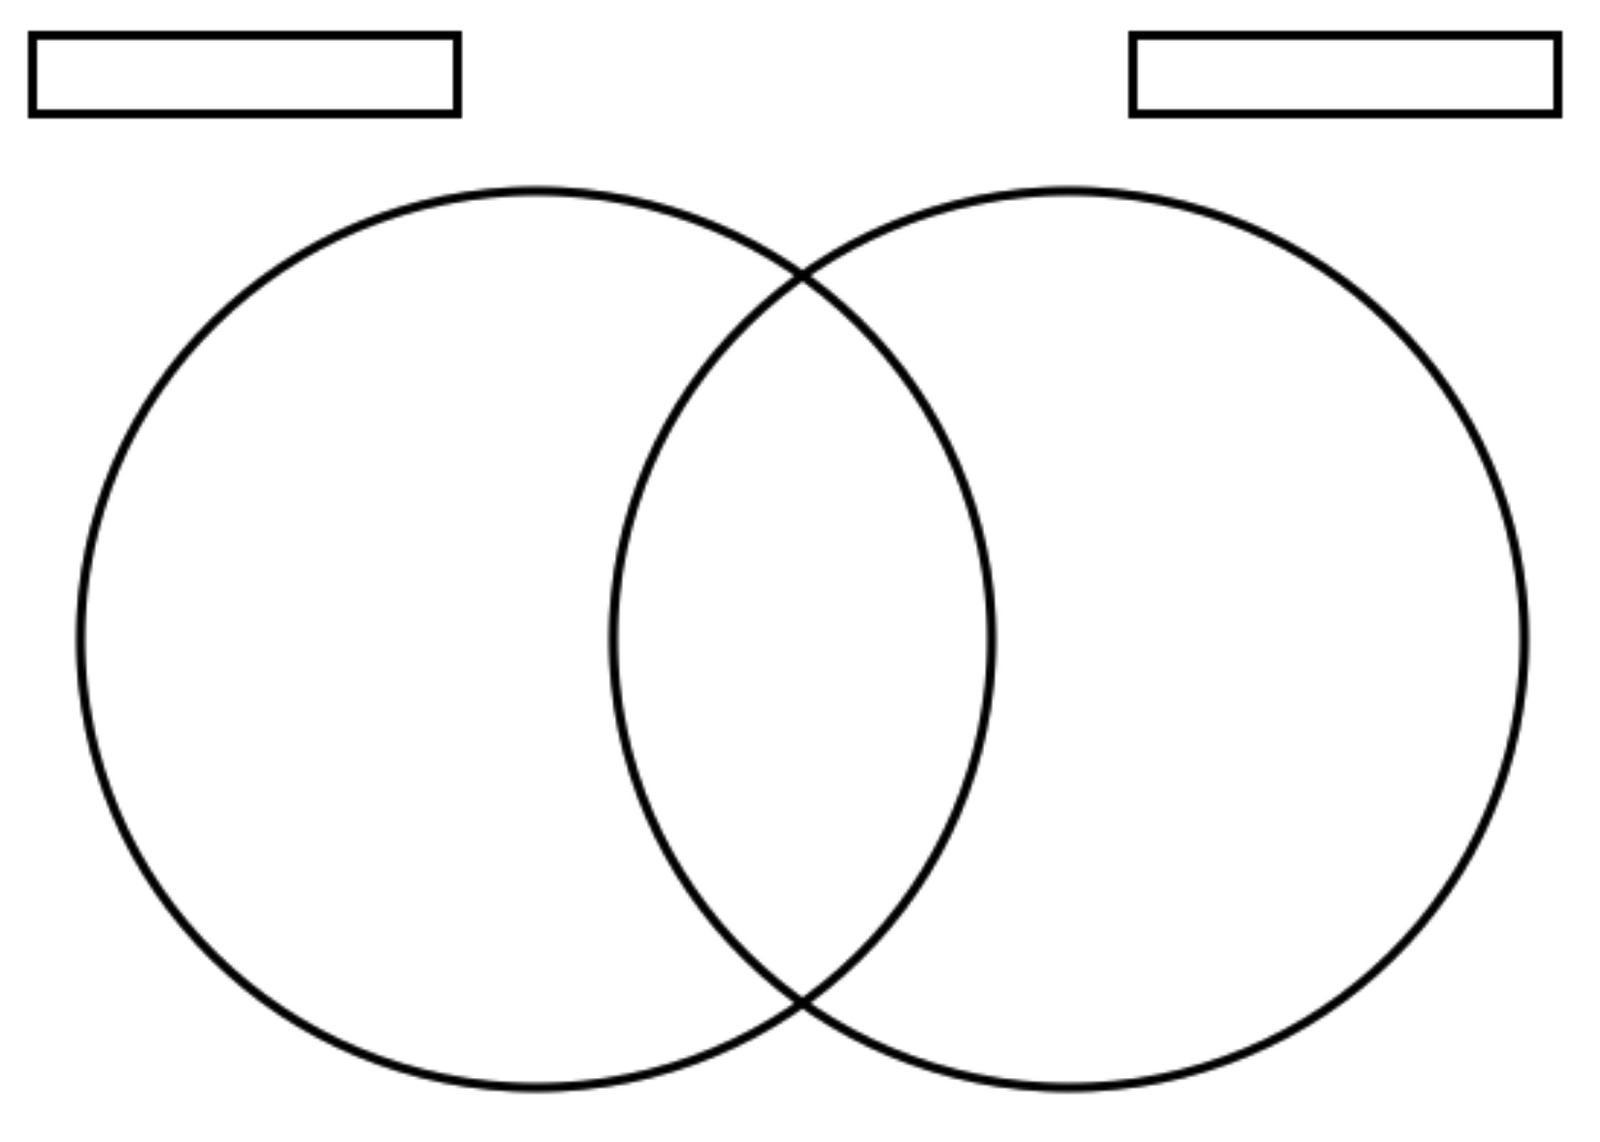 venn diagram template [ 1600 x 1142 Pixel ]